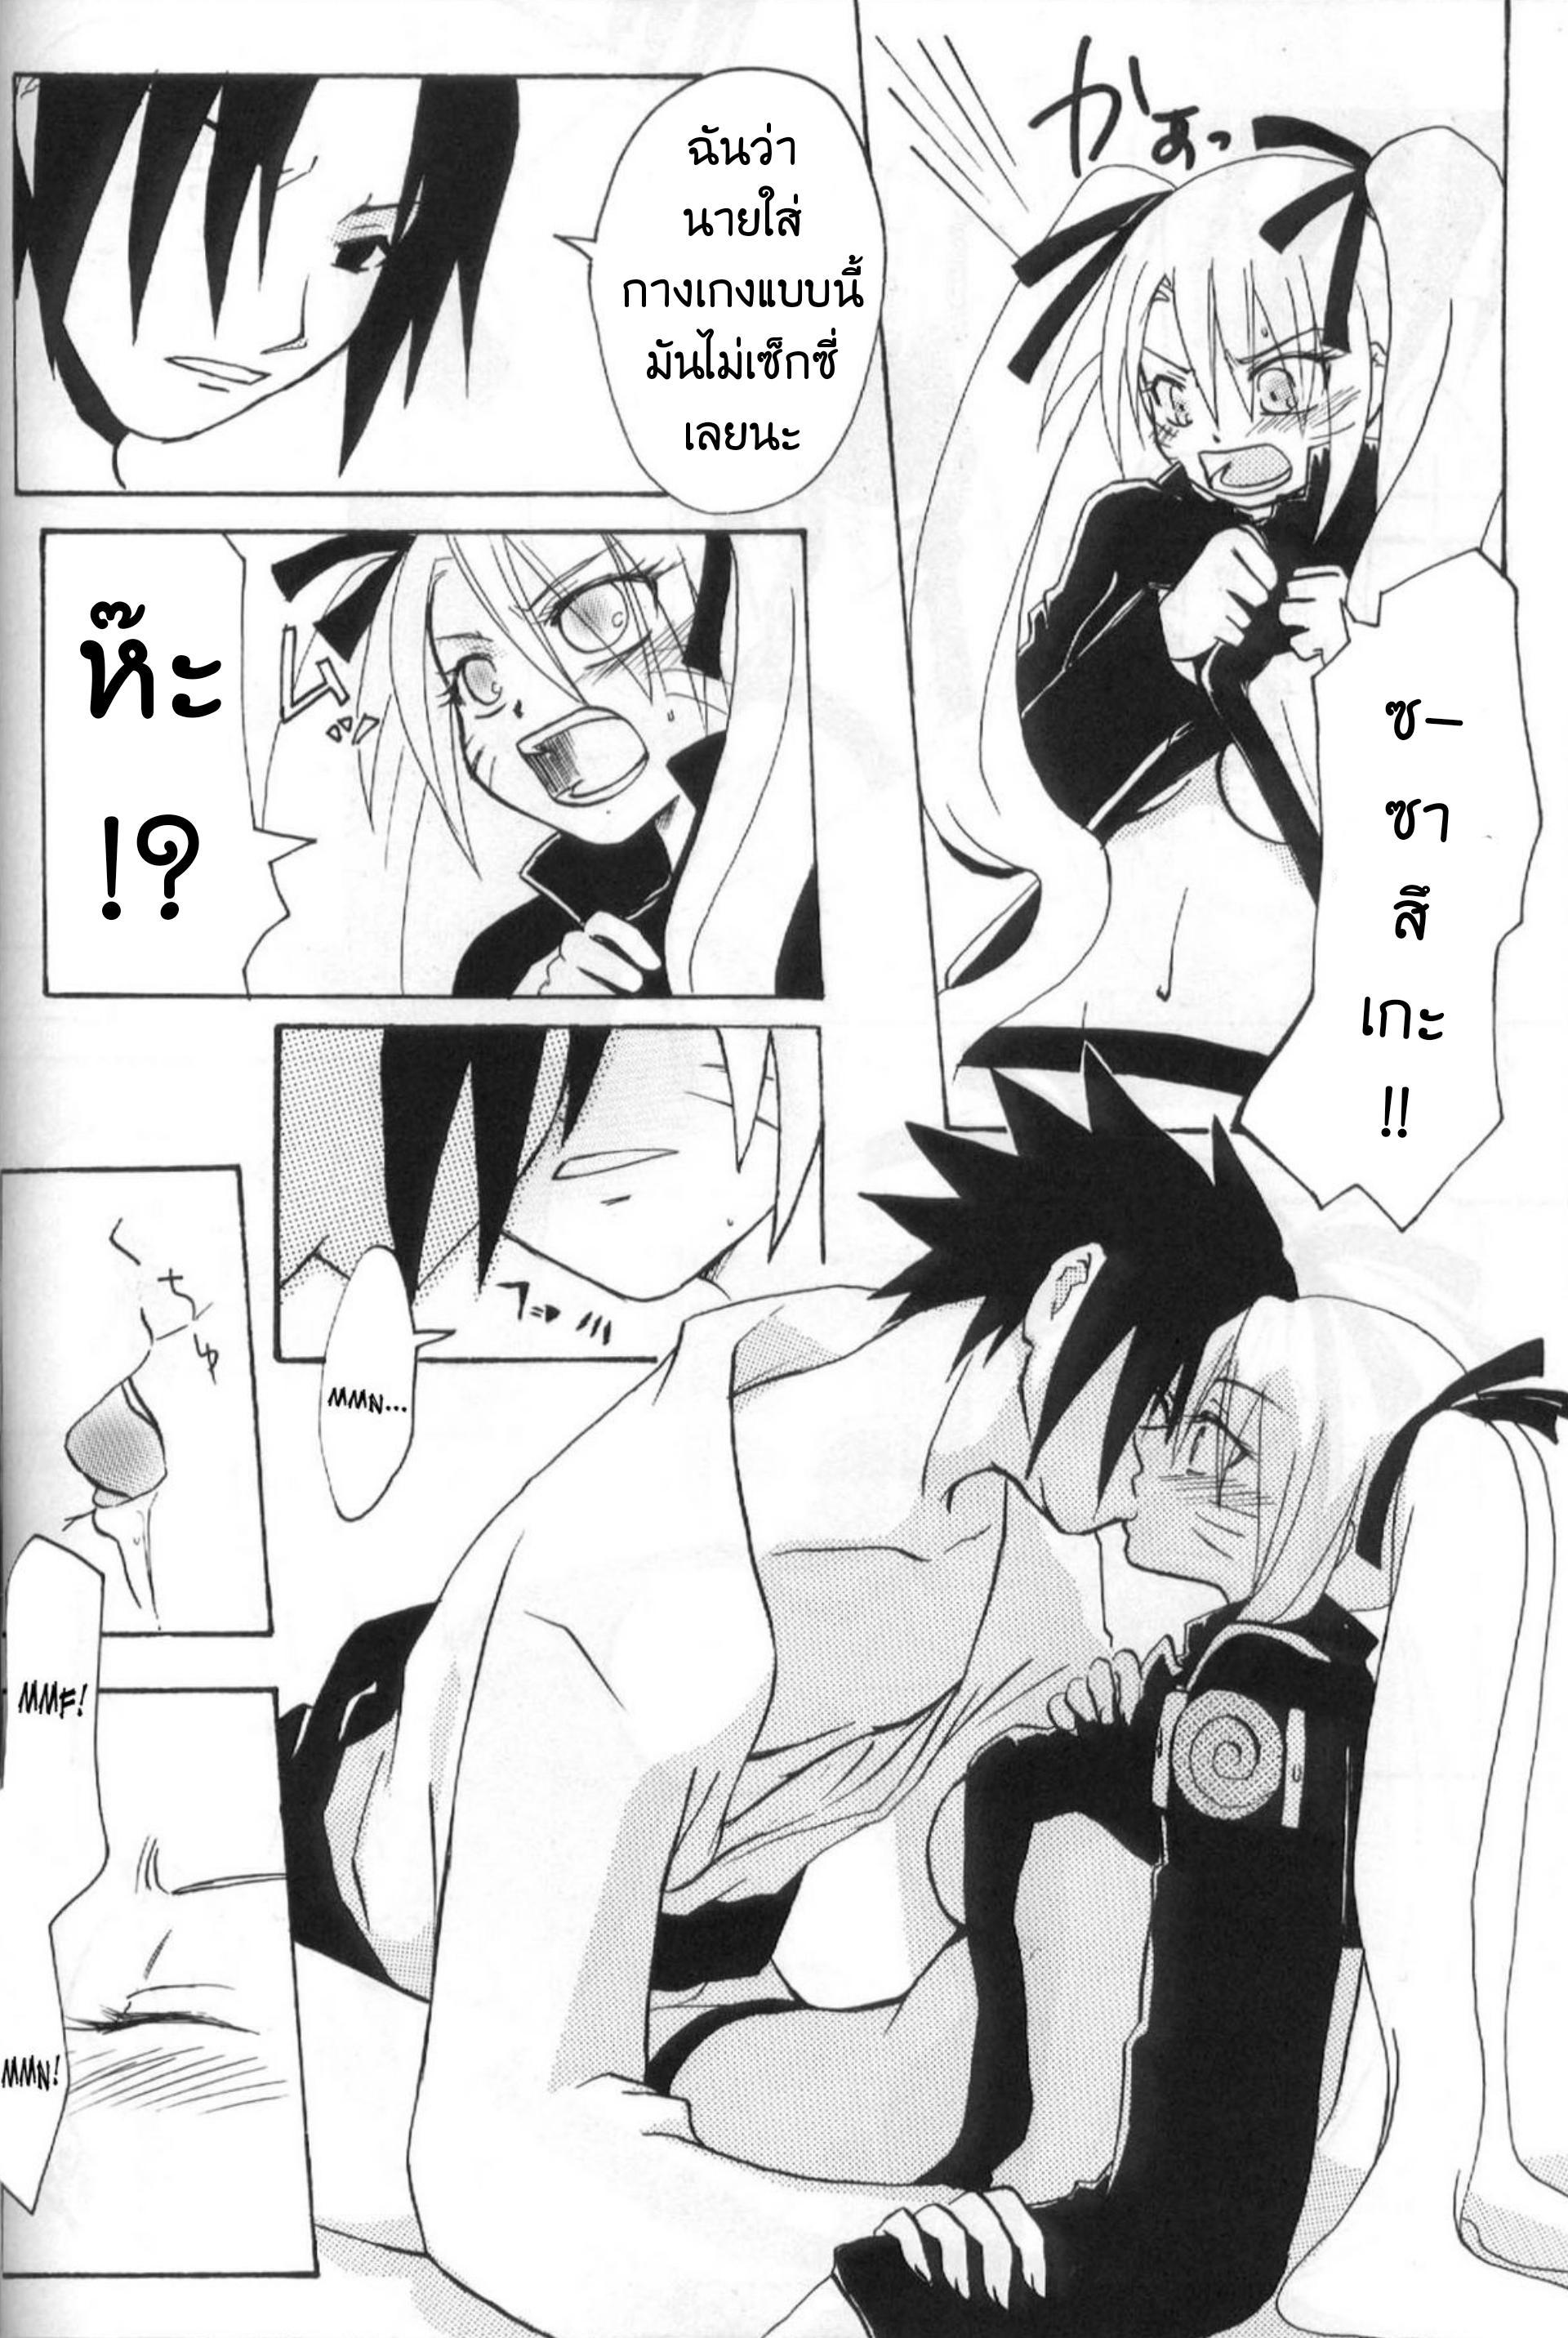 วิธีพาตัวซาสึเกะกลับมา by นารูโกะ ภาพ 8